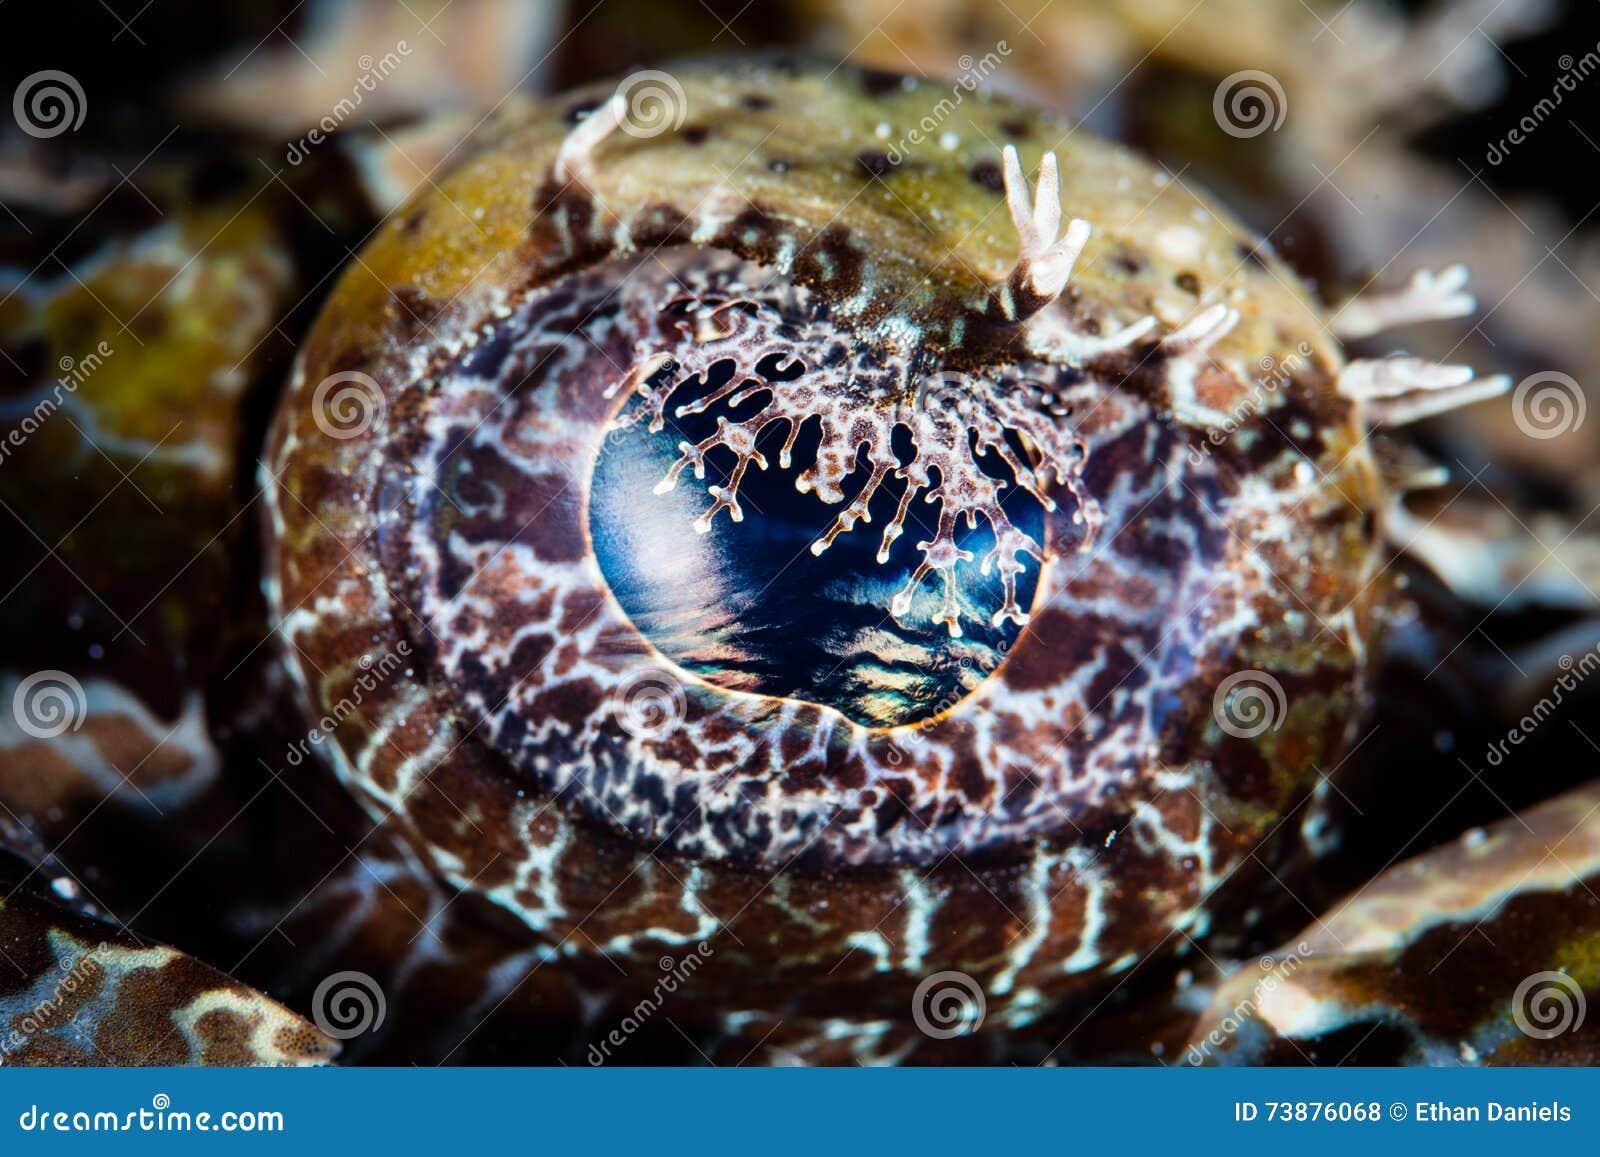 Dettaglio dell occhio di Crocodilefish